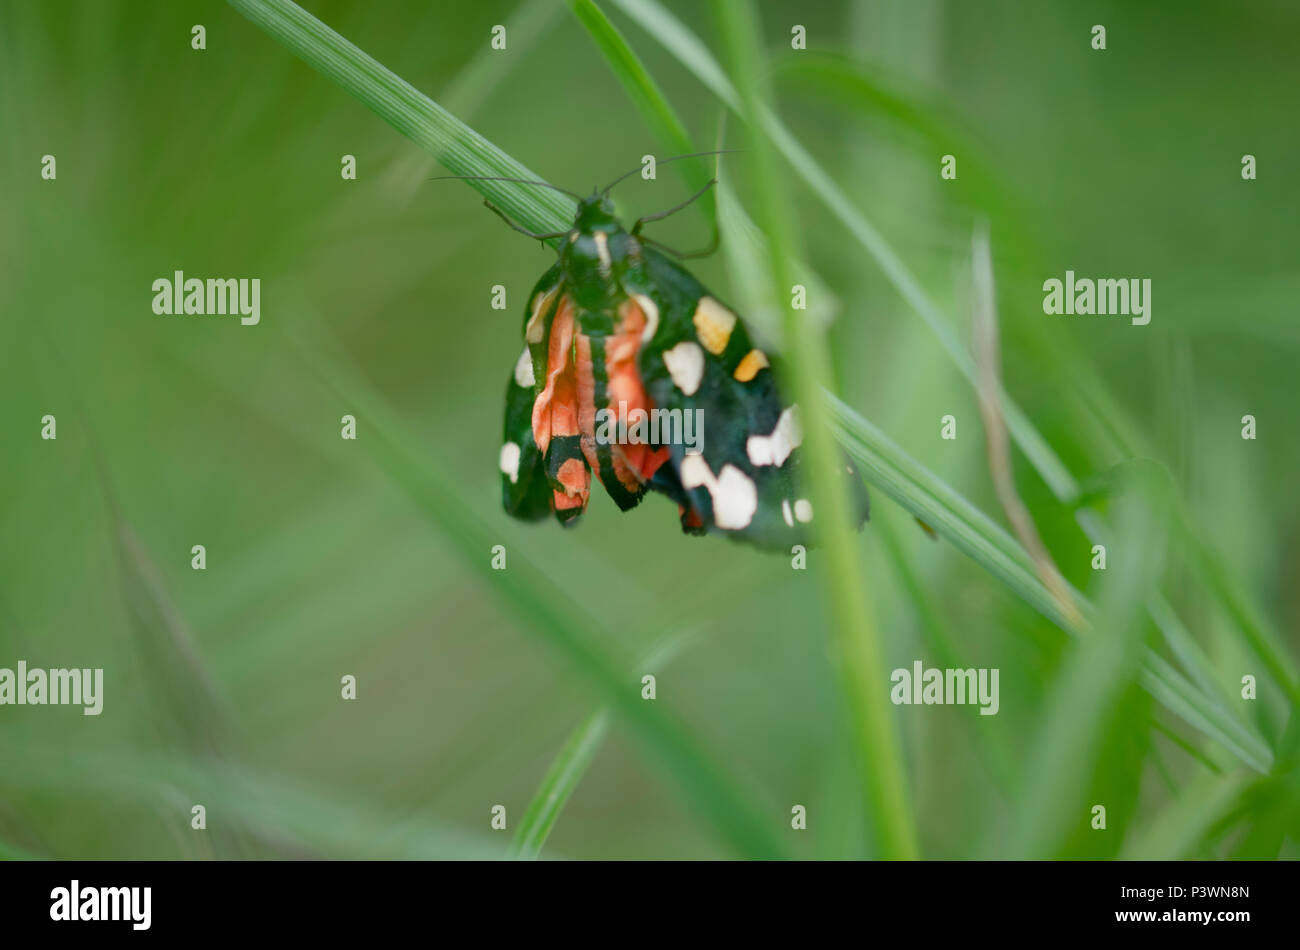 Eine schöne scarlet Tiger Moth in einem Makro Soft Focus Bild Stockfoto